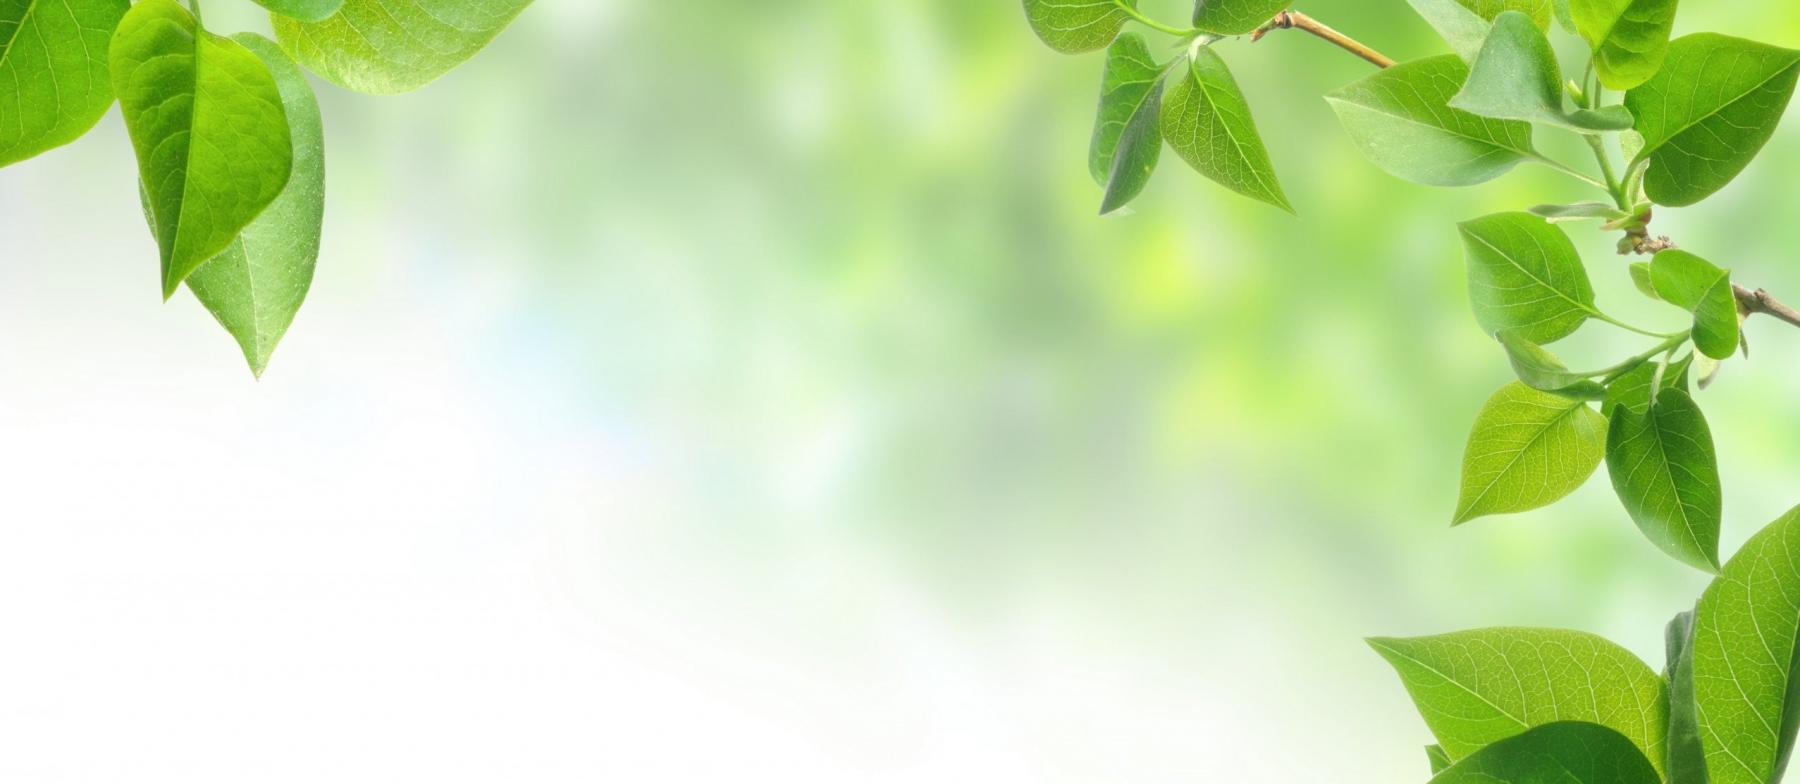 Passion Plantes : une nouvelle série d'entretiens vidéo